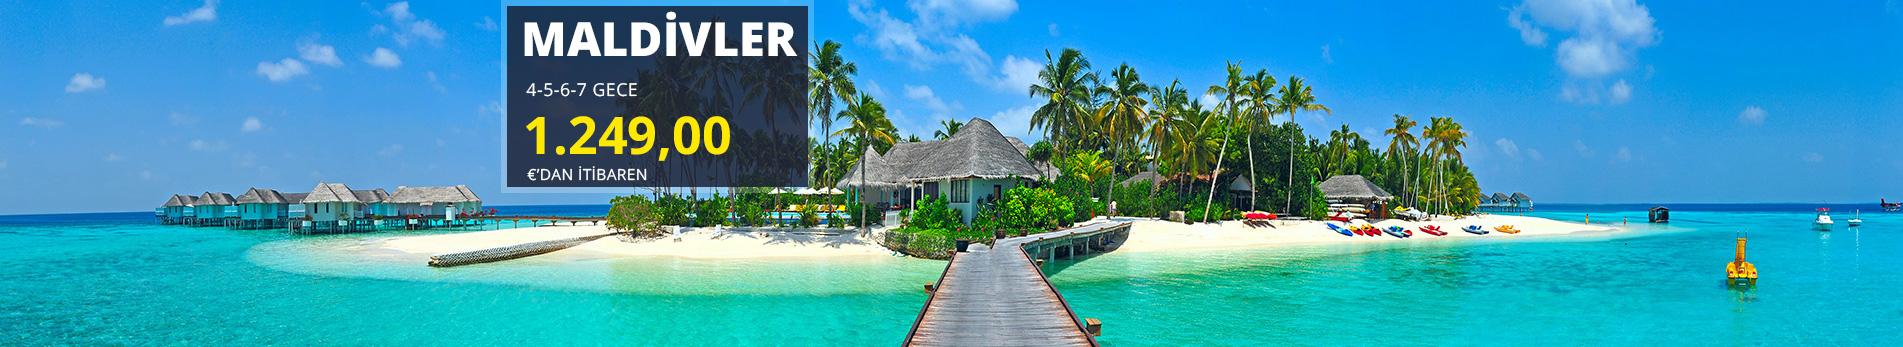 yurtdisi-touristica-maldivler